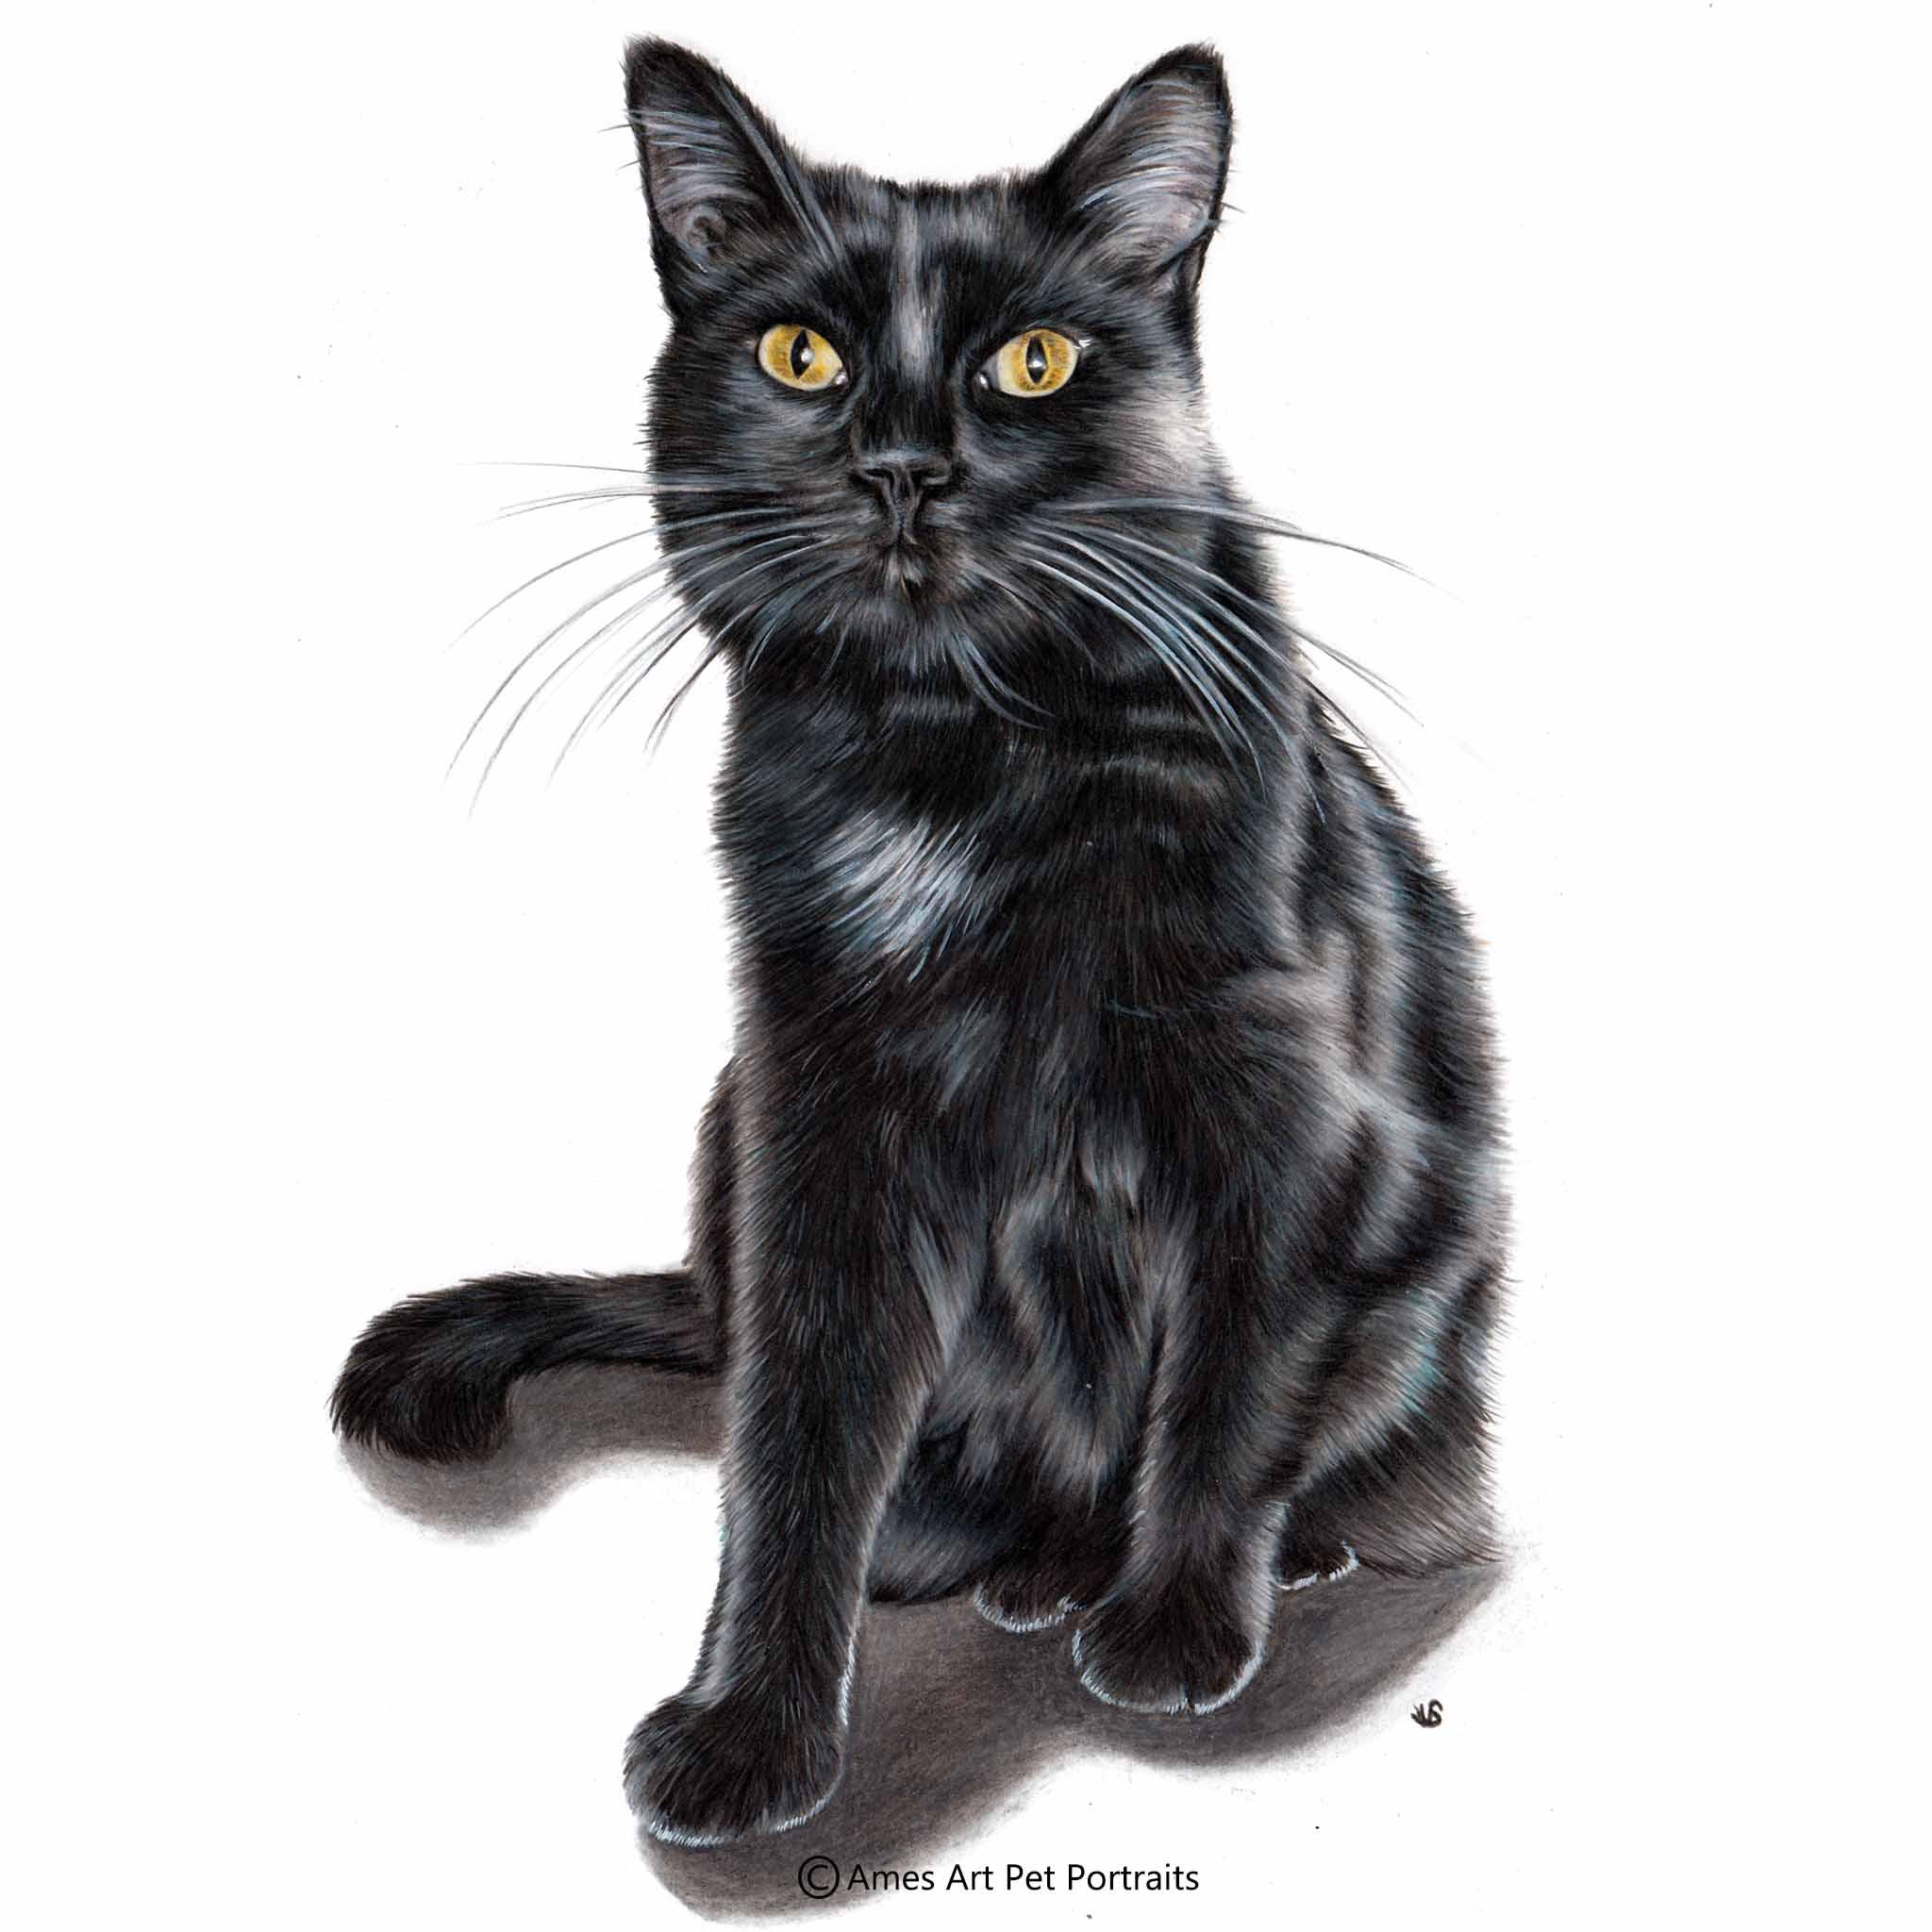 'BJ' - USA,11.7 x 16.5 inches, 2017, Color Pencil Cat Portrait